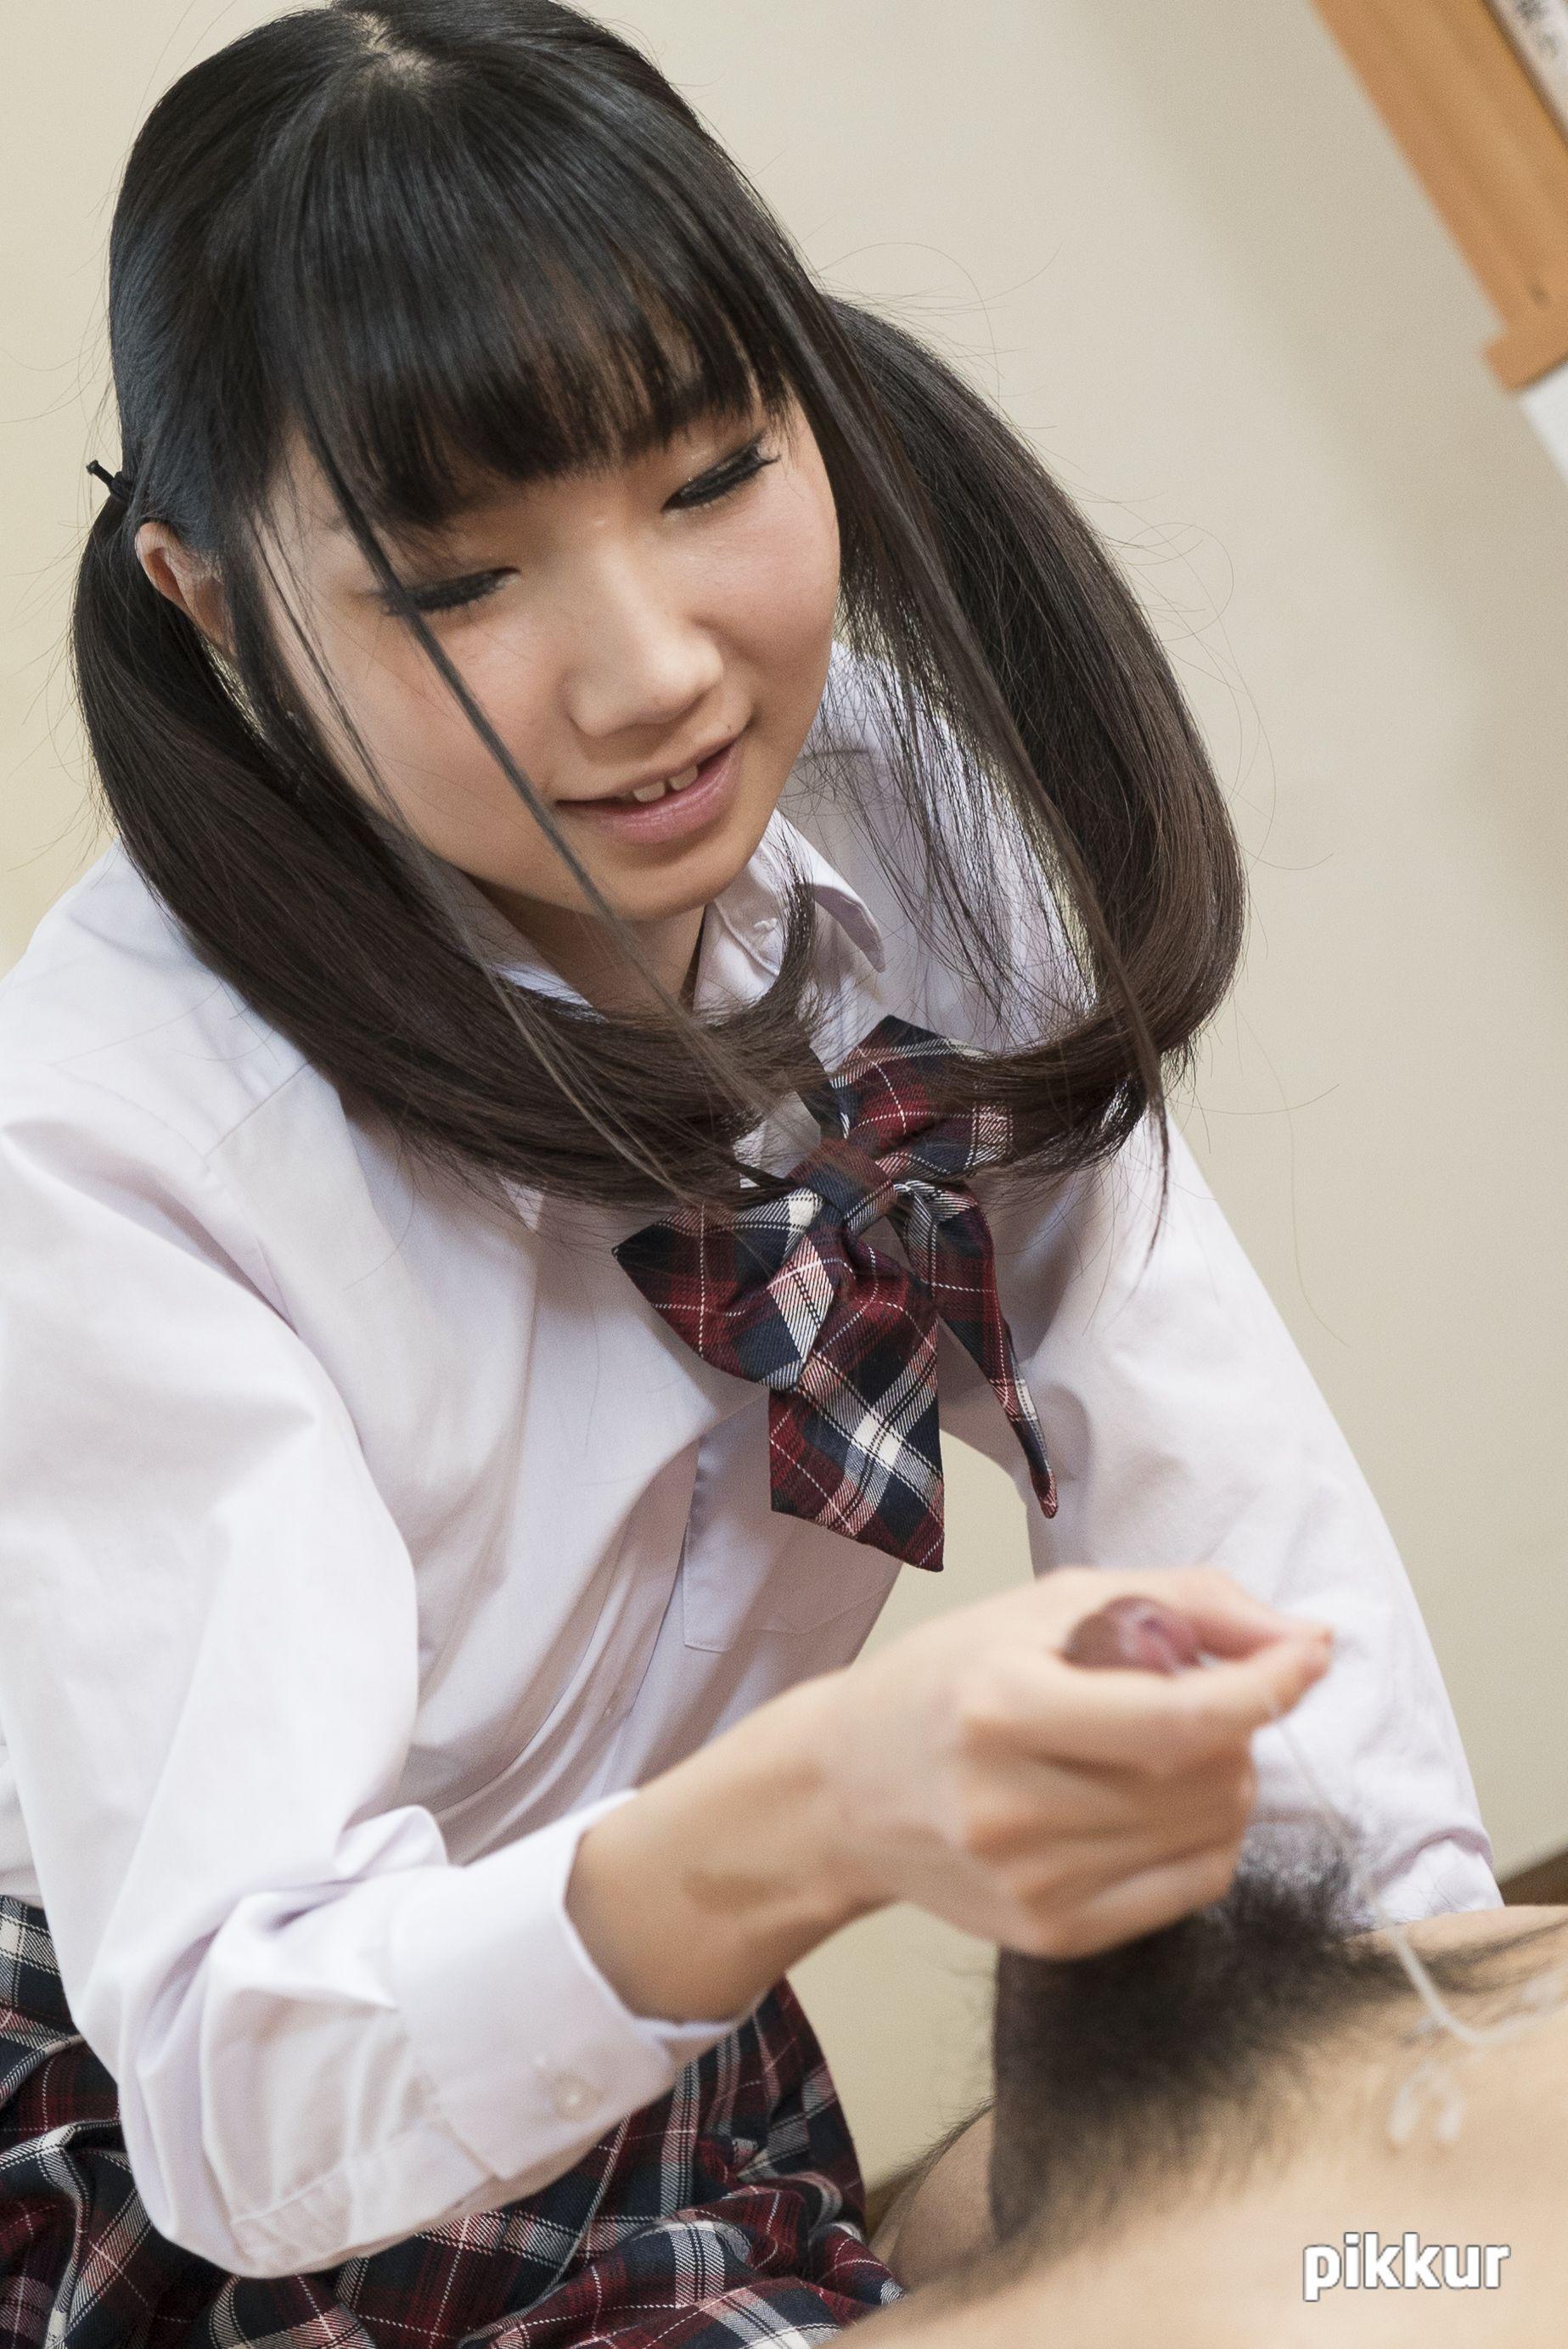 縦型動画 040 〜亀頭にキスする可愛いフェラ〜 今村加奈子 09